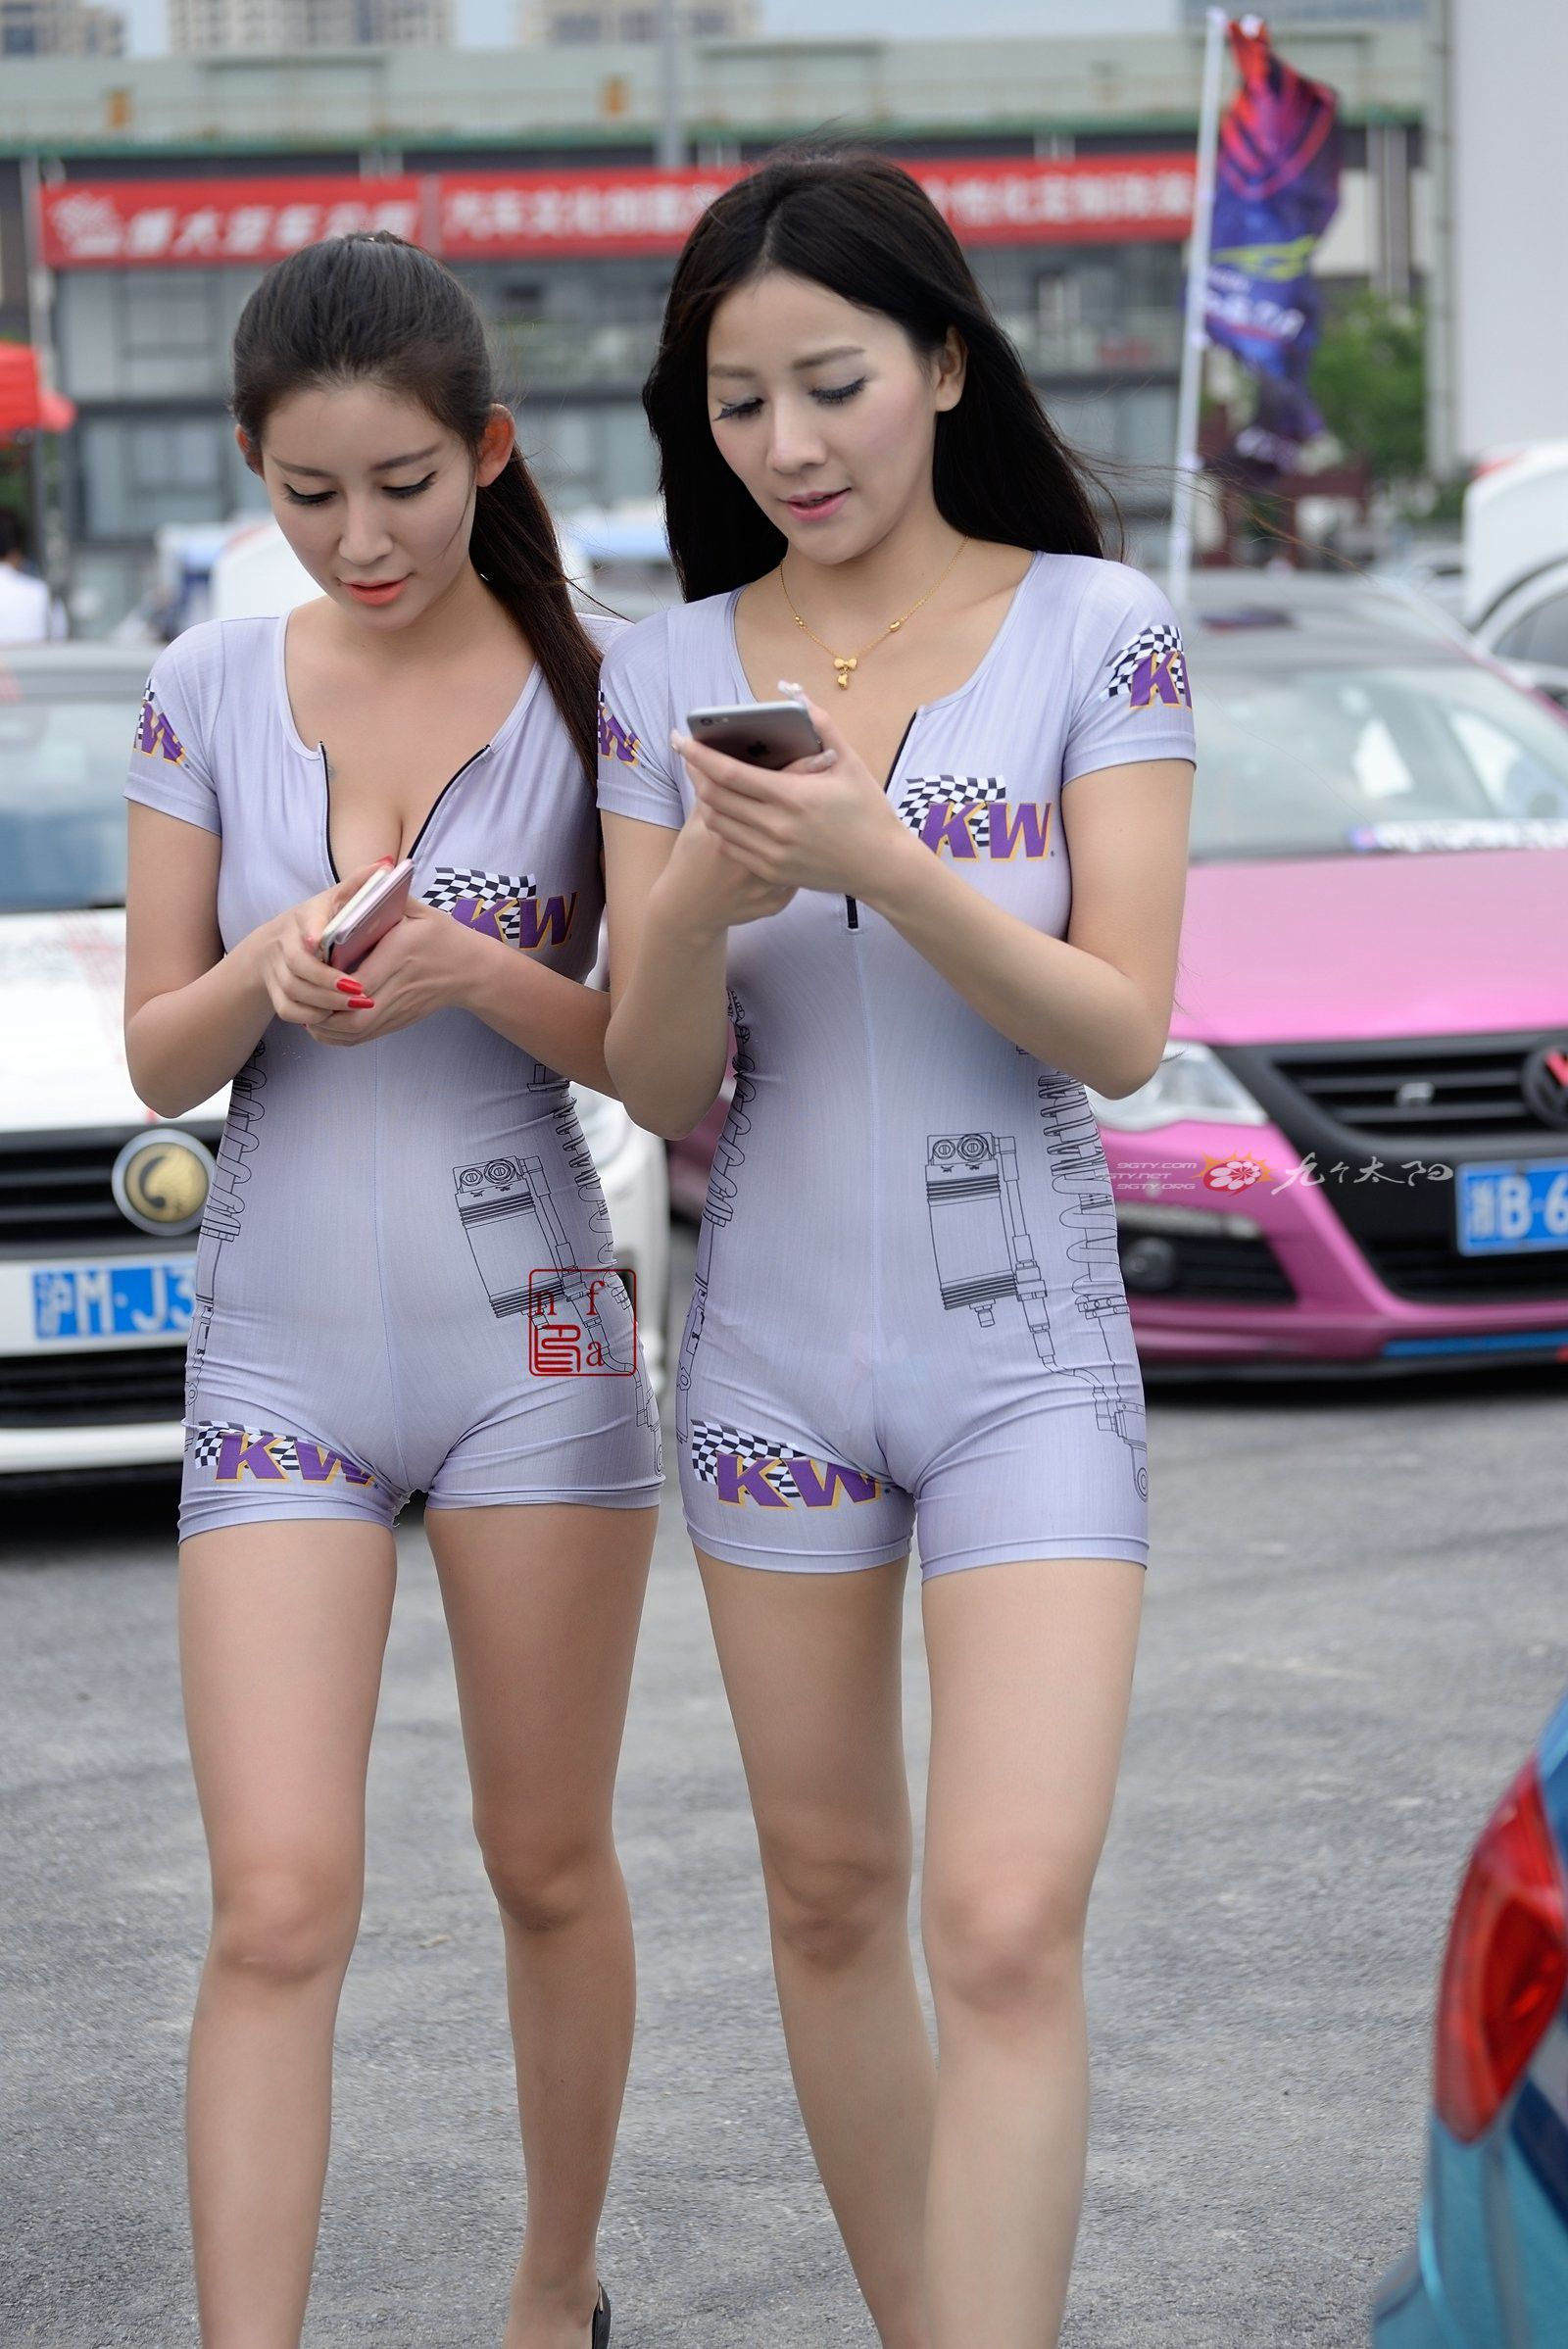 【キャンギャルエロ画像】入れ過ぎた気合が股間に…中国キャンギャルのマンスジwww 15